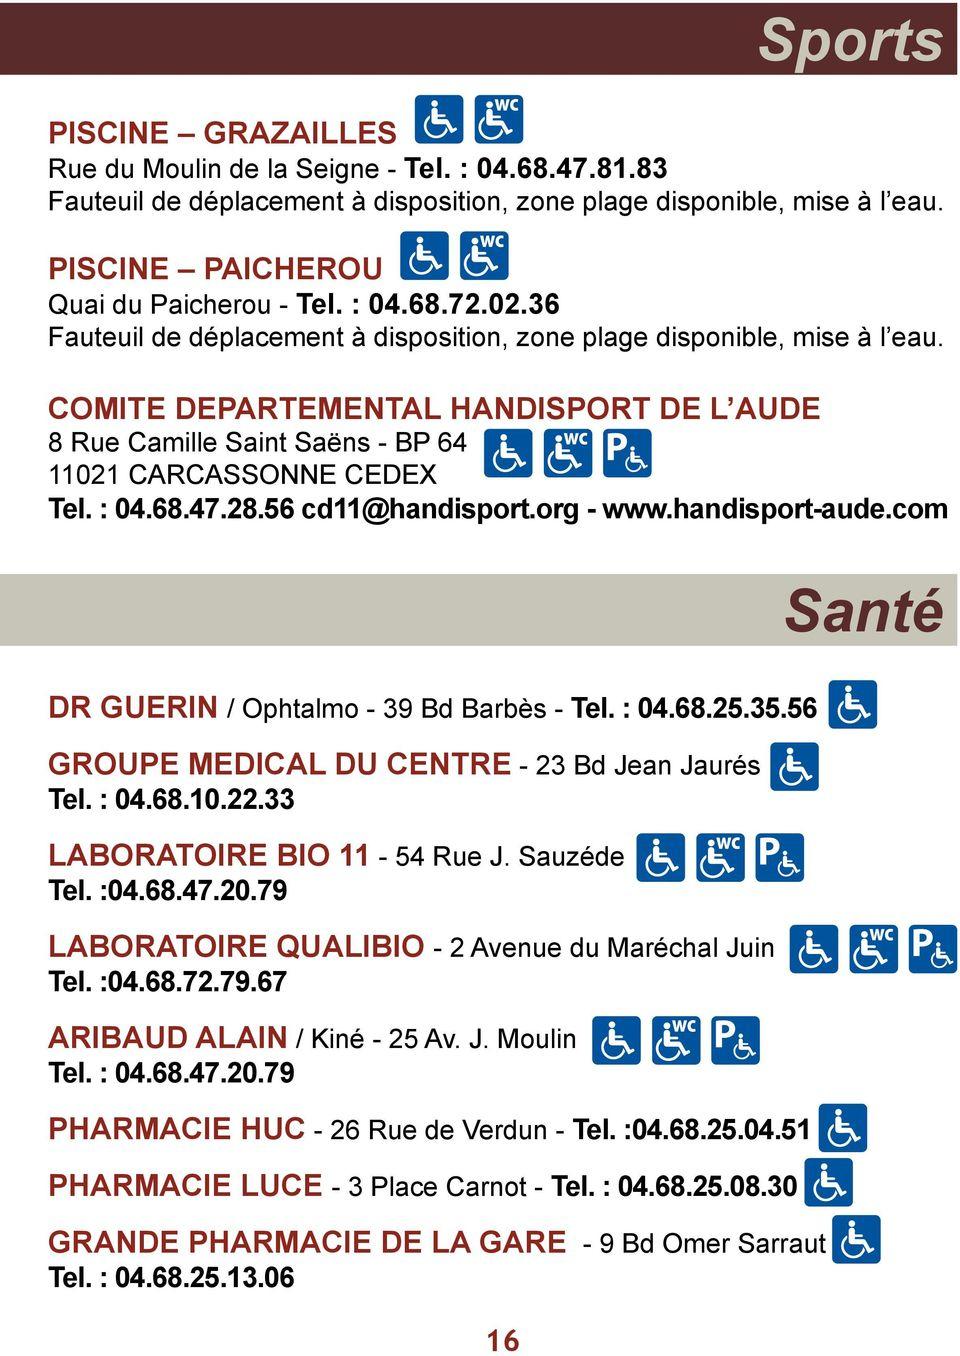 Carcassonne. - Patrimoine Mondial - Guide D Accessibilité ... tout Piscine Grazailles